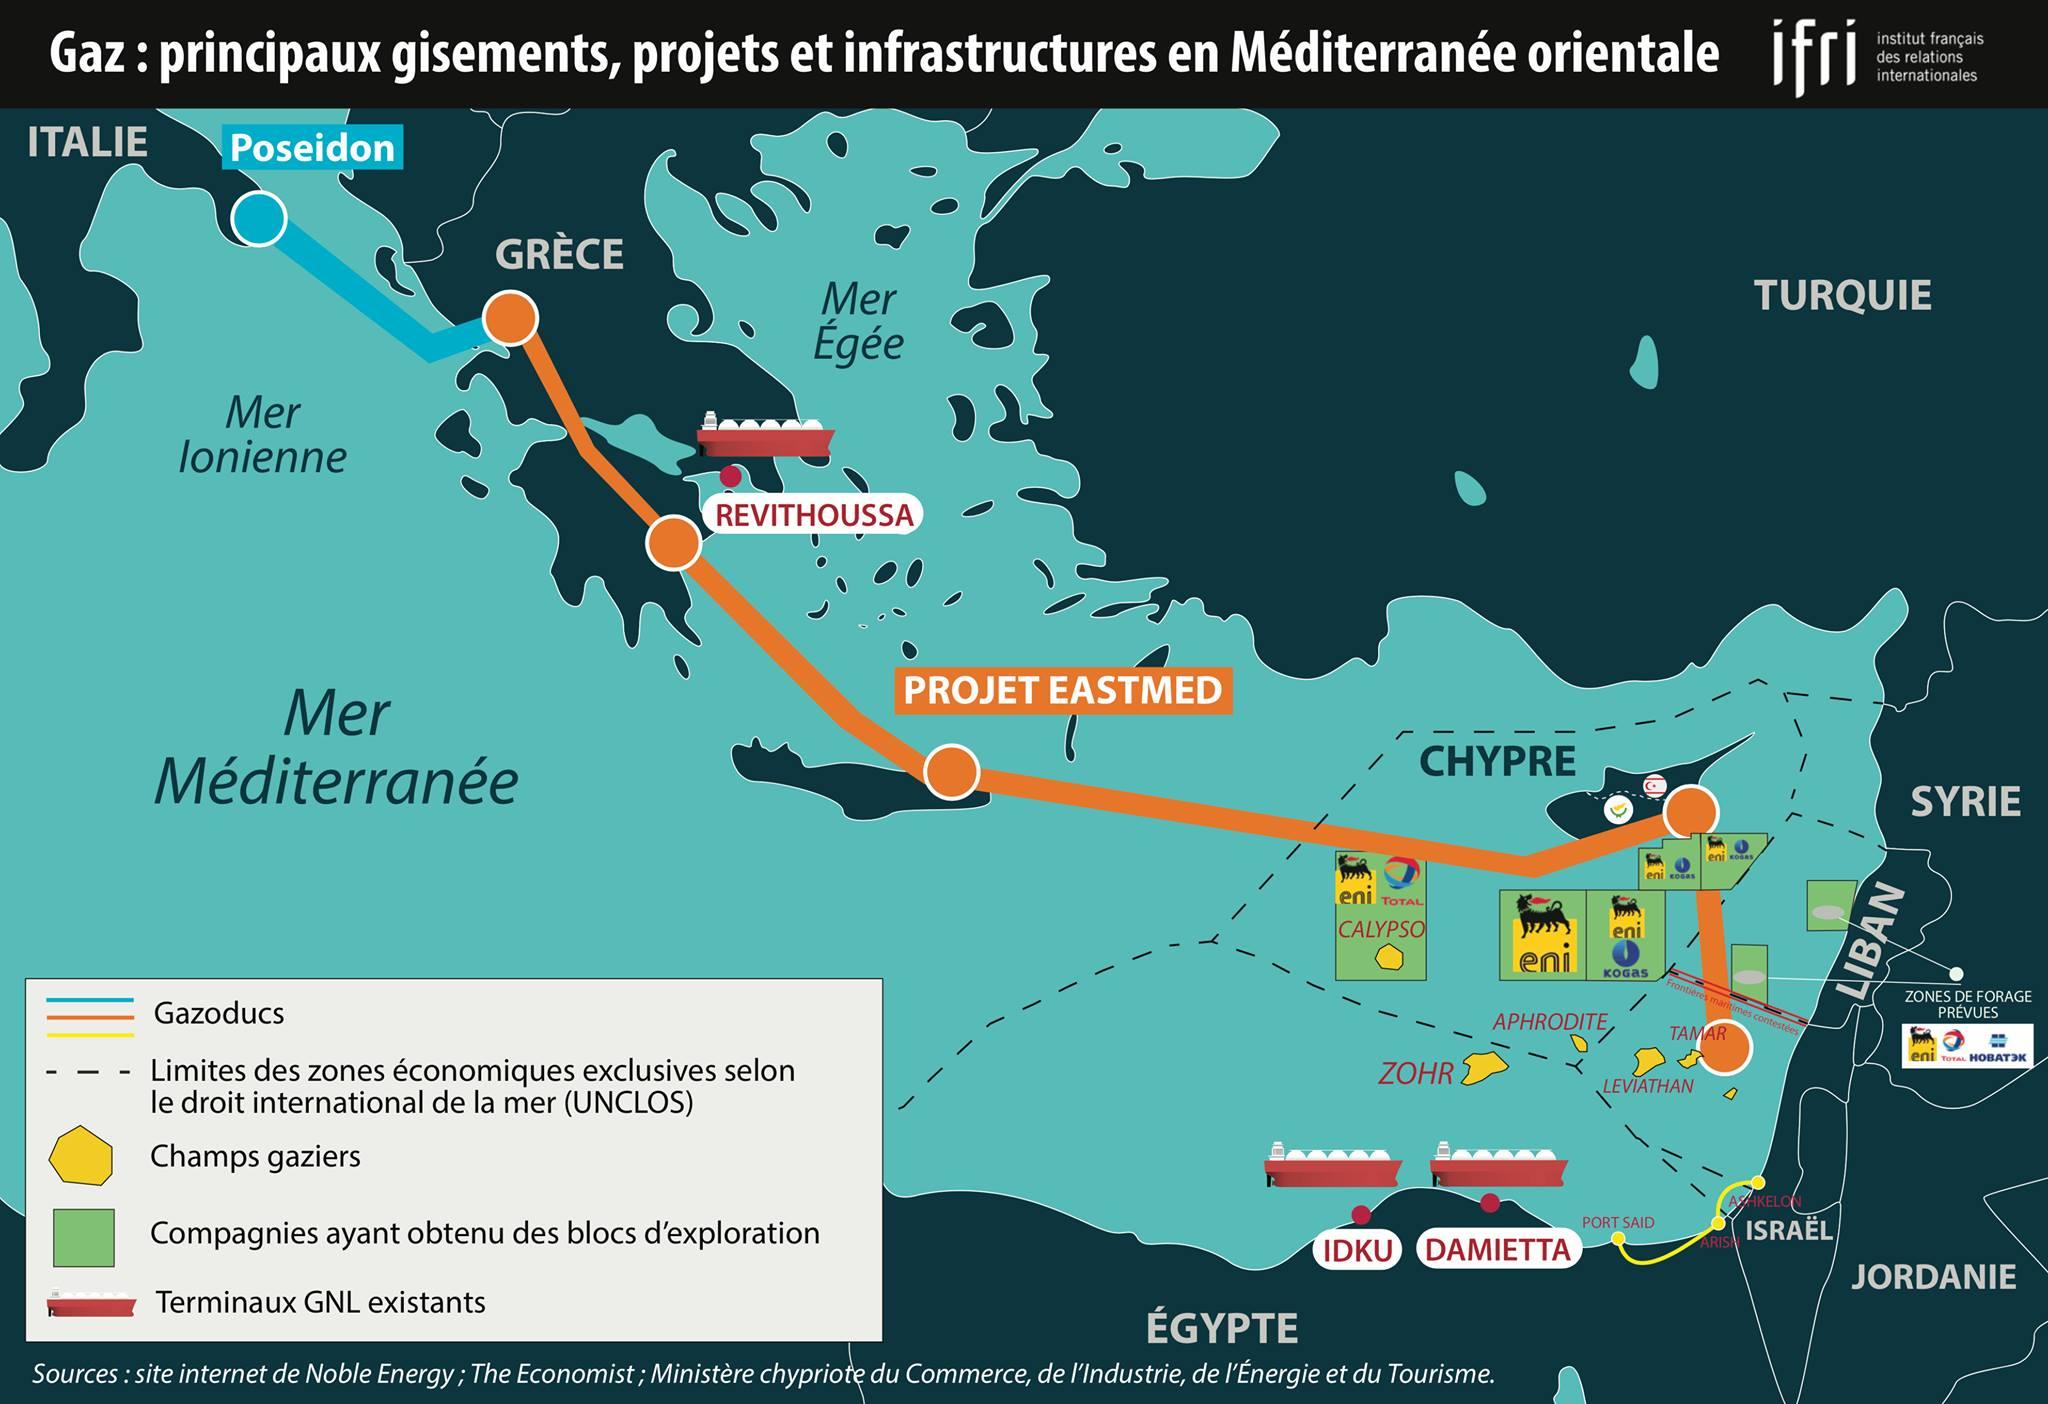 Gaz : principaux gisements, projets et infrastructures en Méditerranée orientale